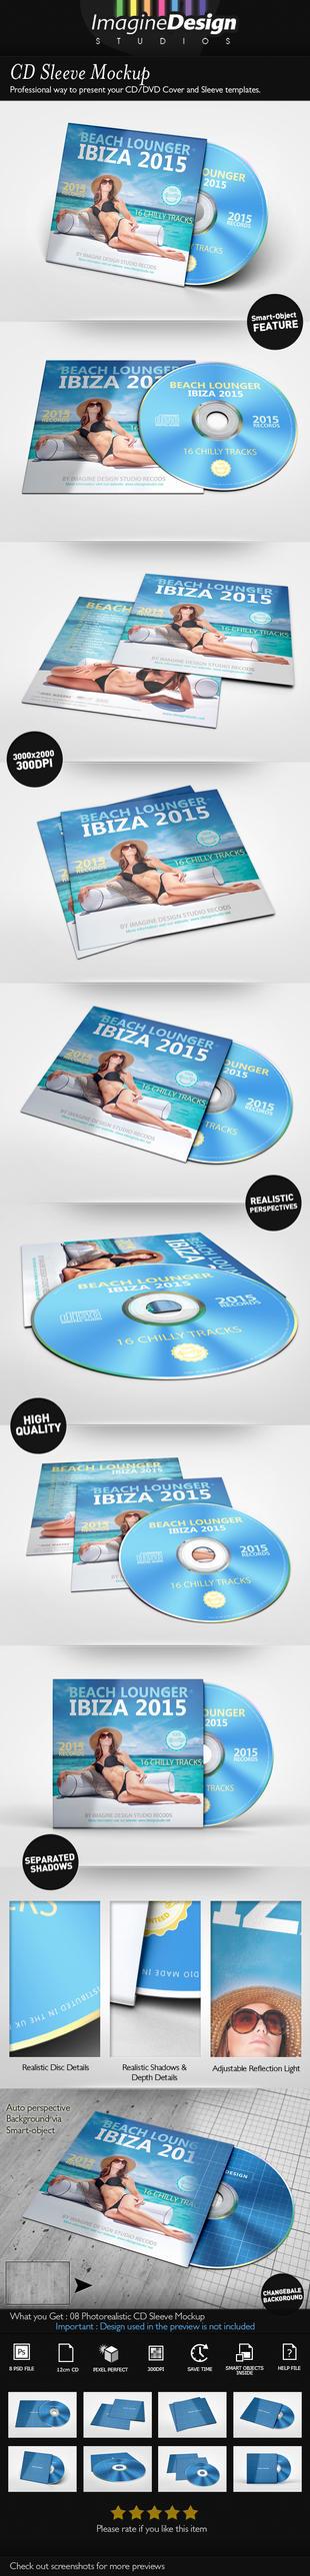 CD-Sleeve-Mockup by idesignstudio